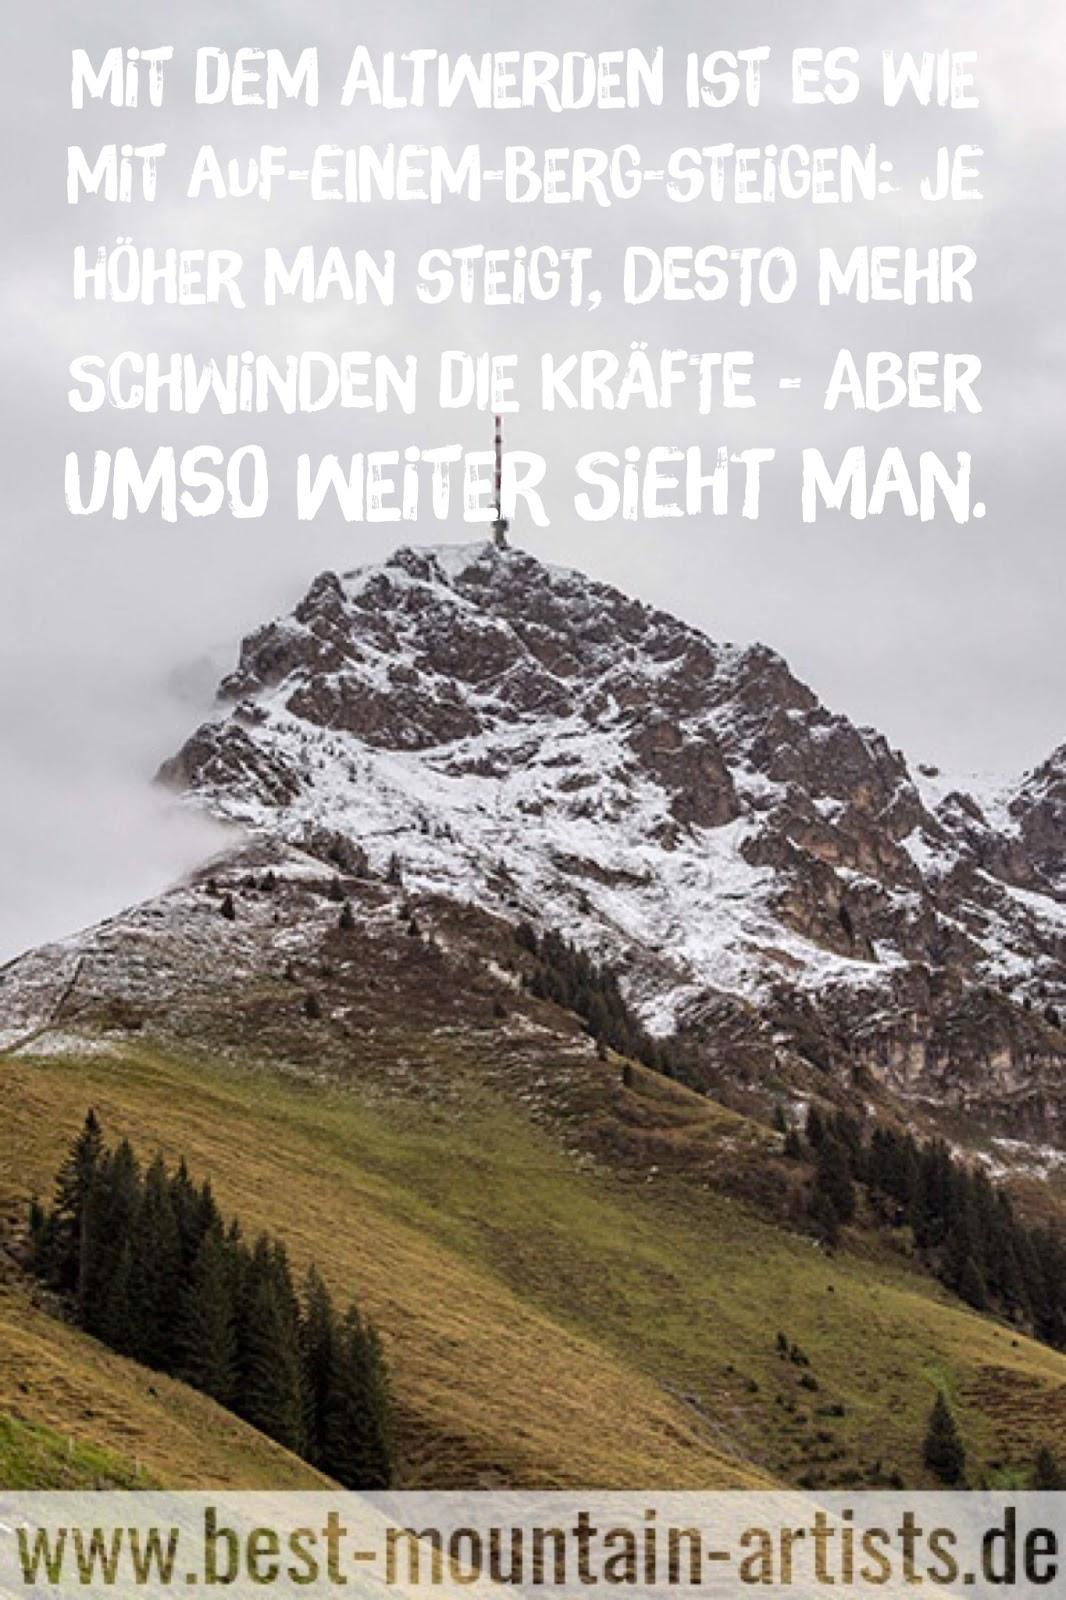 """""""Mit dem Altwerden ist es wie mit Auf-einem-Berg-Steigen: Je höher man steigt, desto mehr schwinden die Kräfte - aber umso weiter sieht man."""", Ingmar Bergman"""